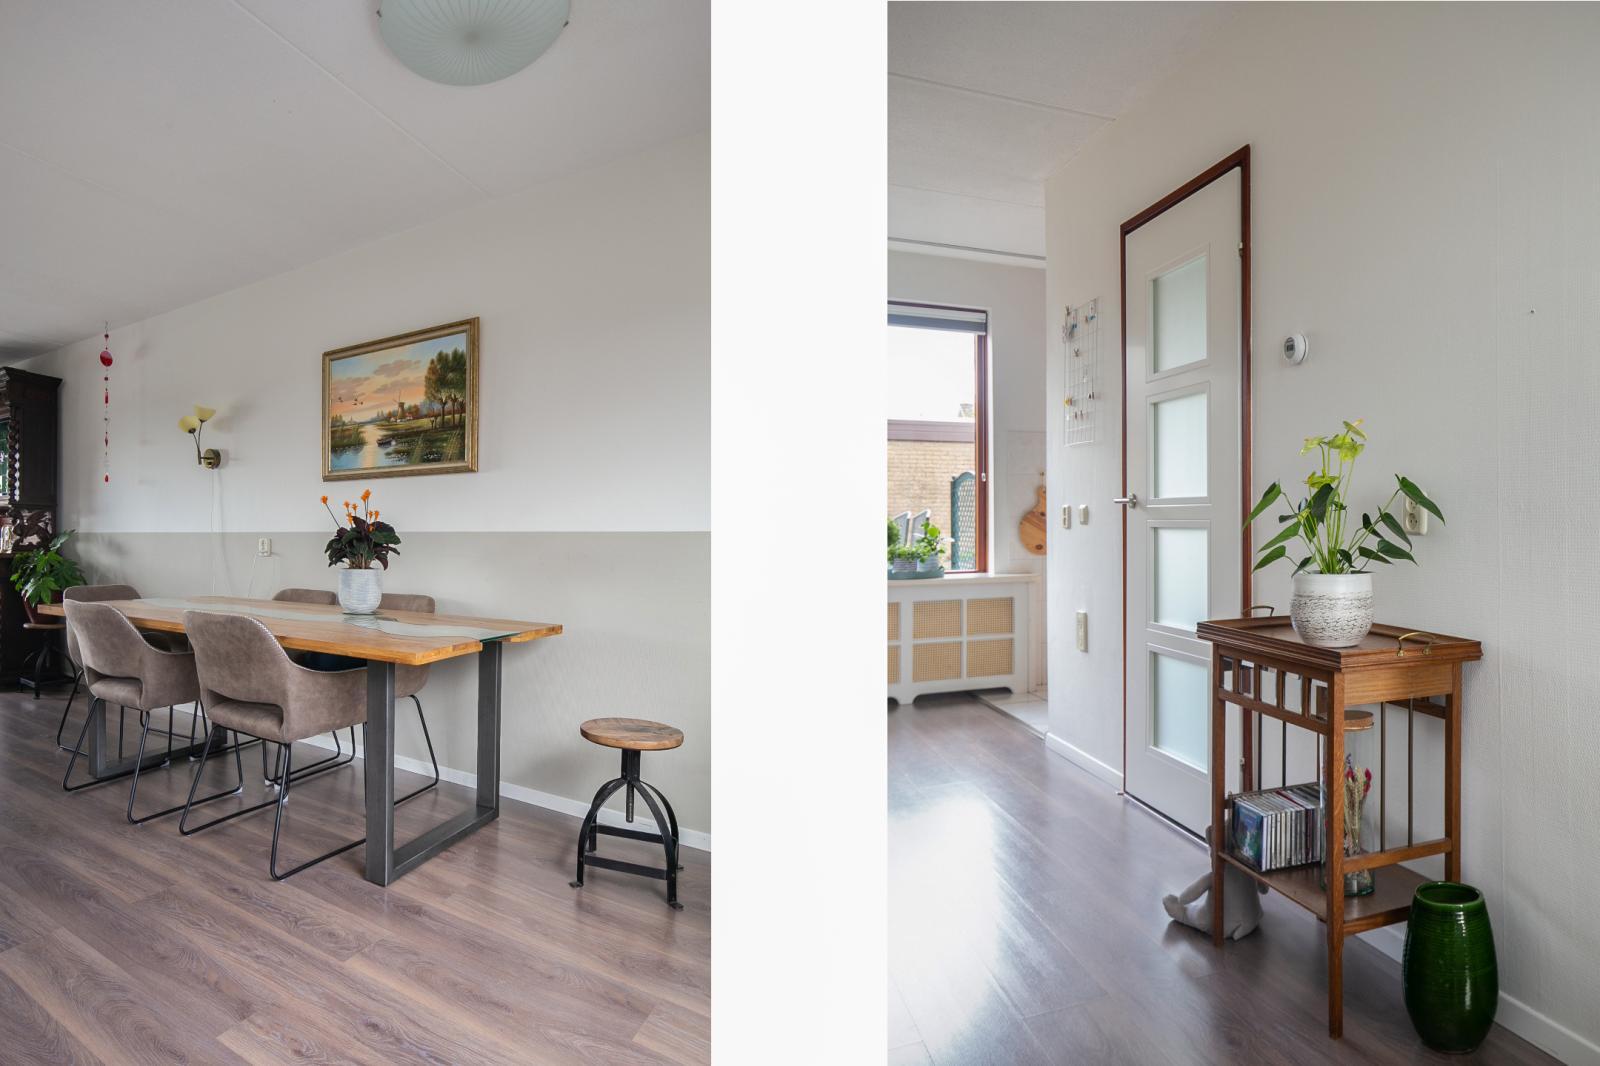 zeino-van-burmaniastrjitte-15-oppenhuizen-1065